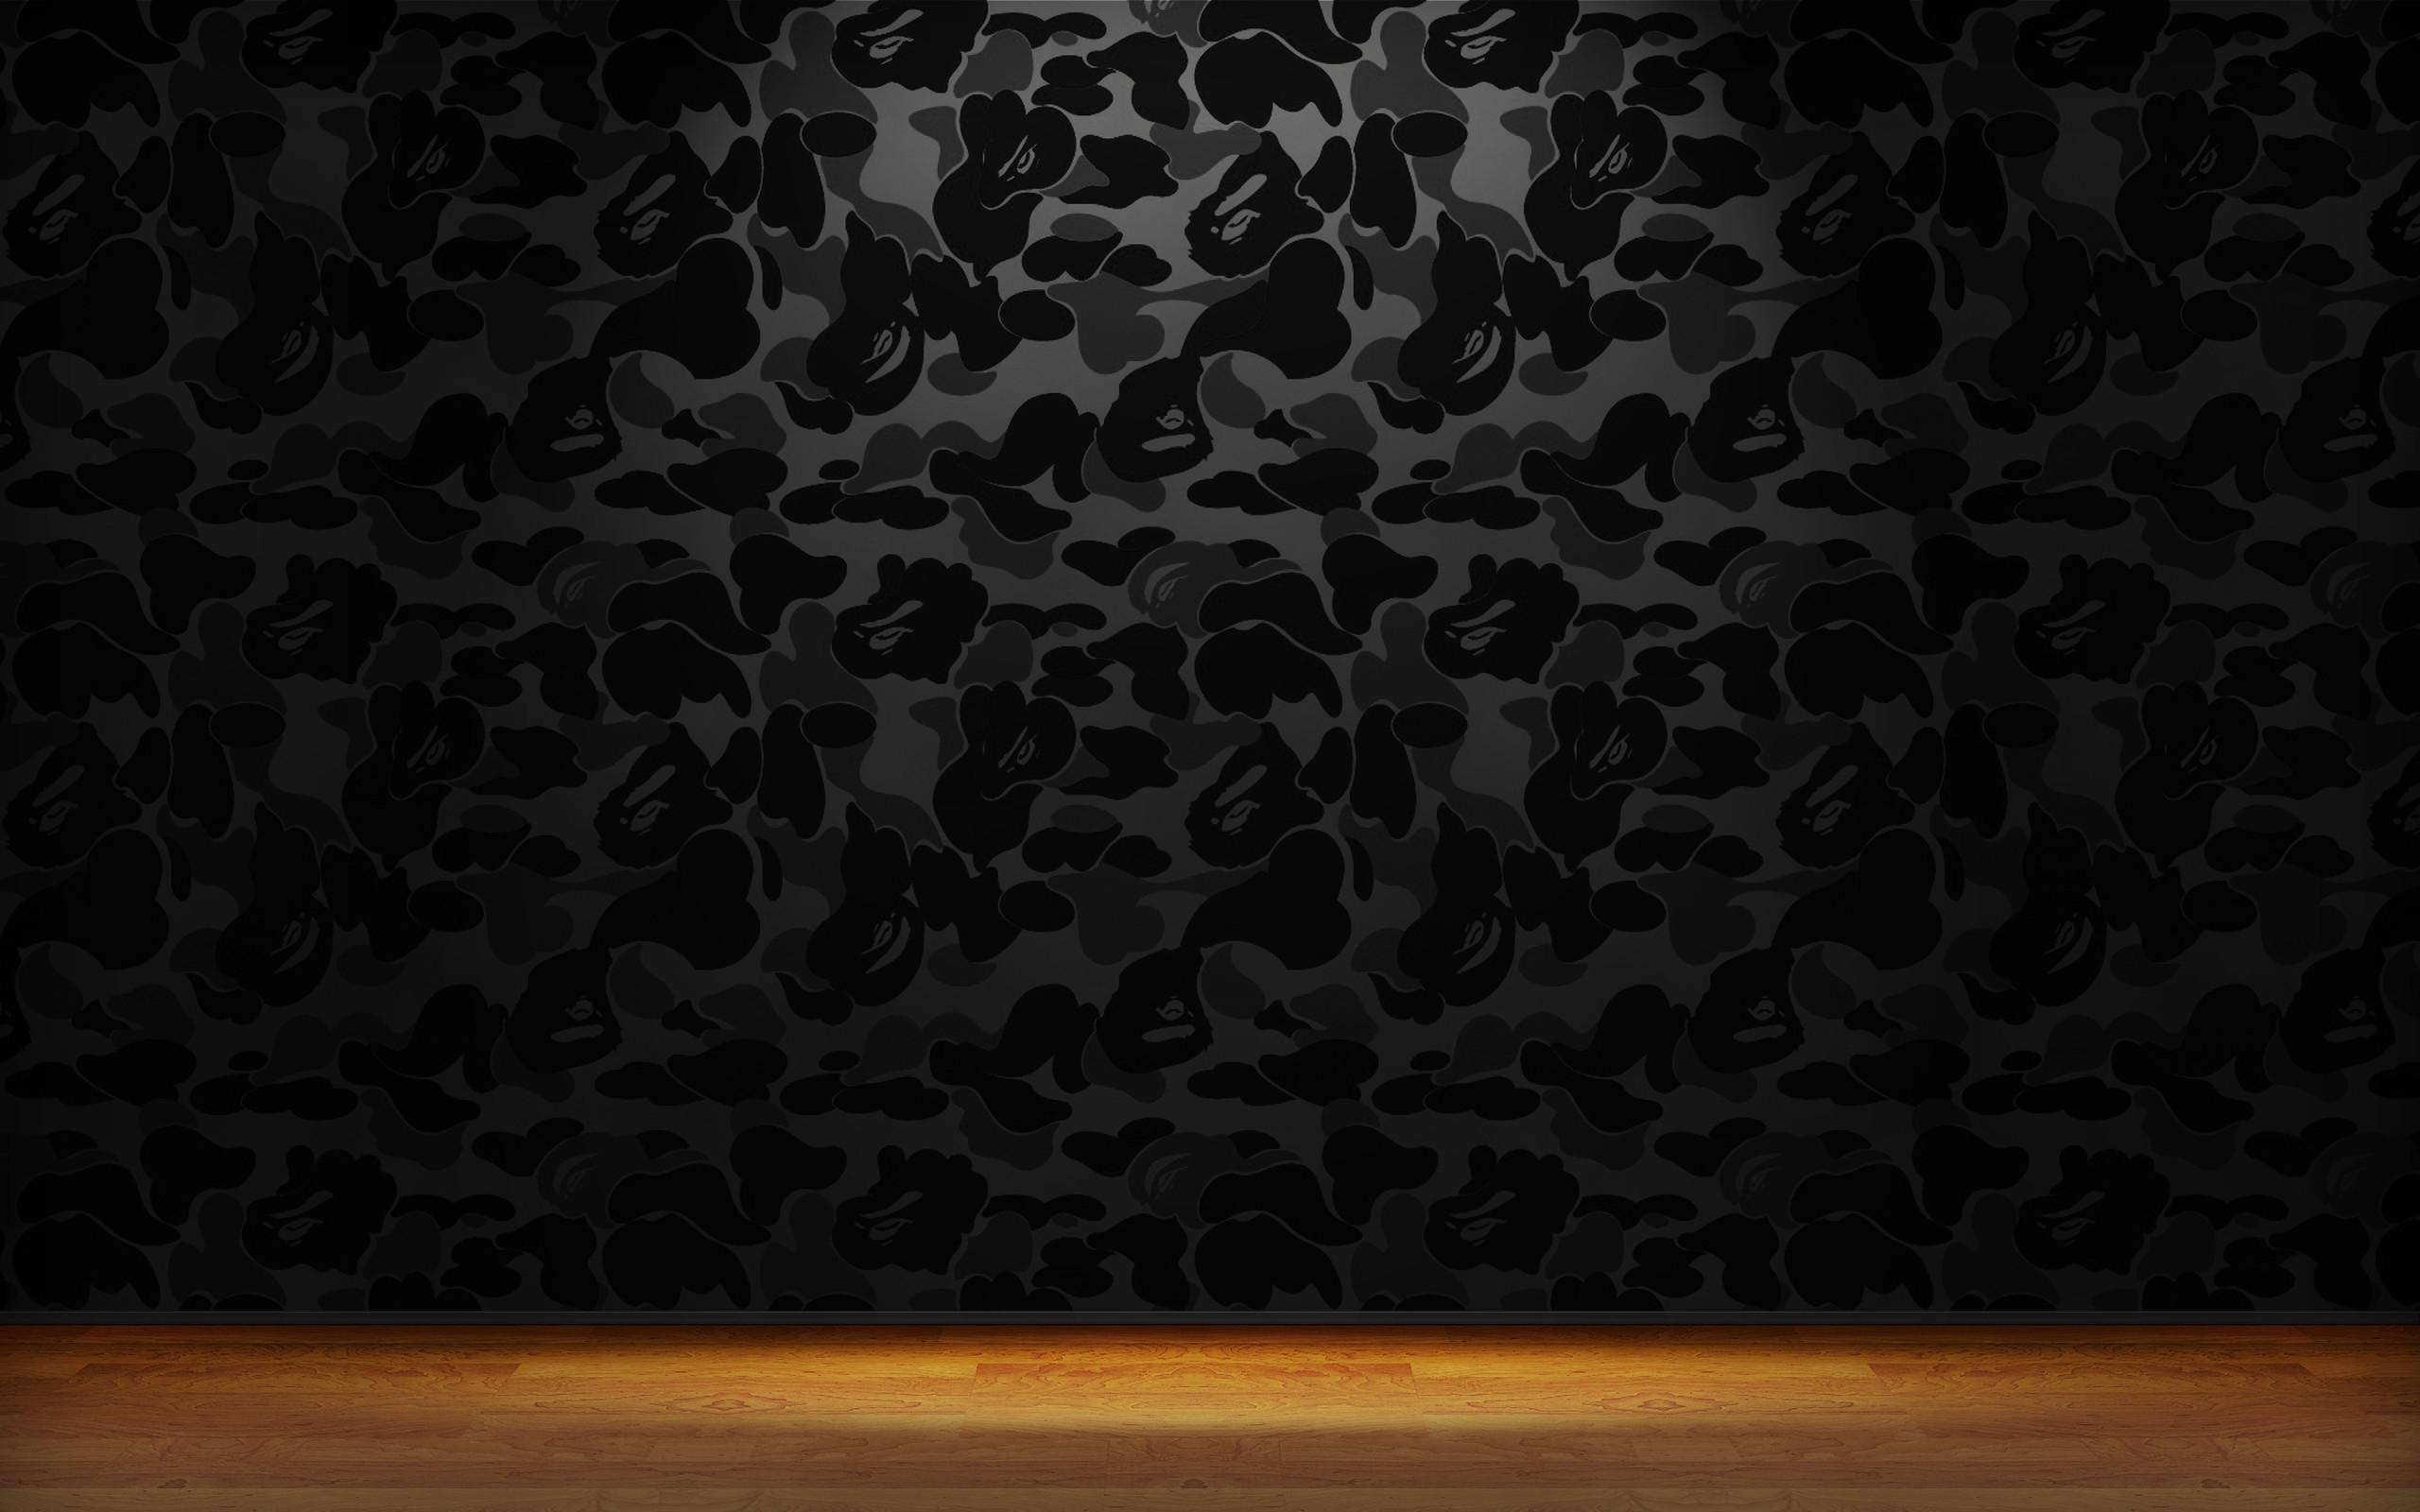 Bape desktop wallpaper 50 images - Bape wallpaper mac ...